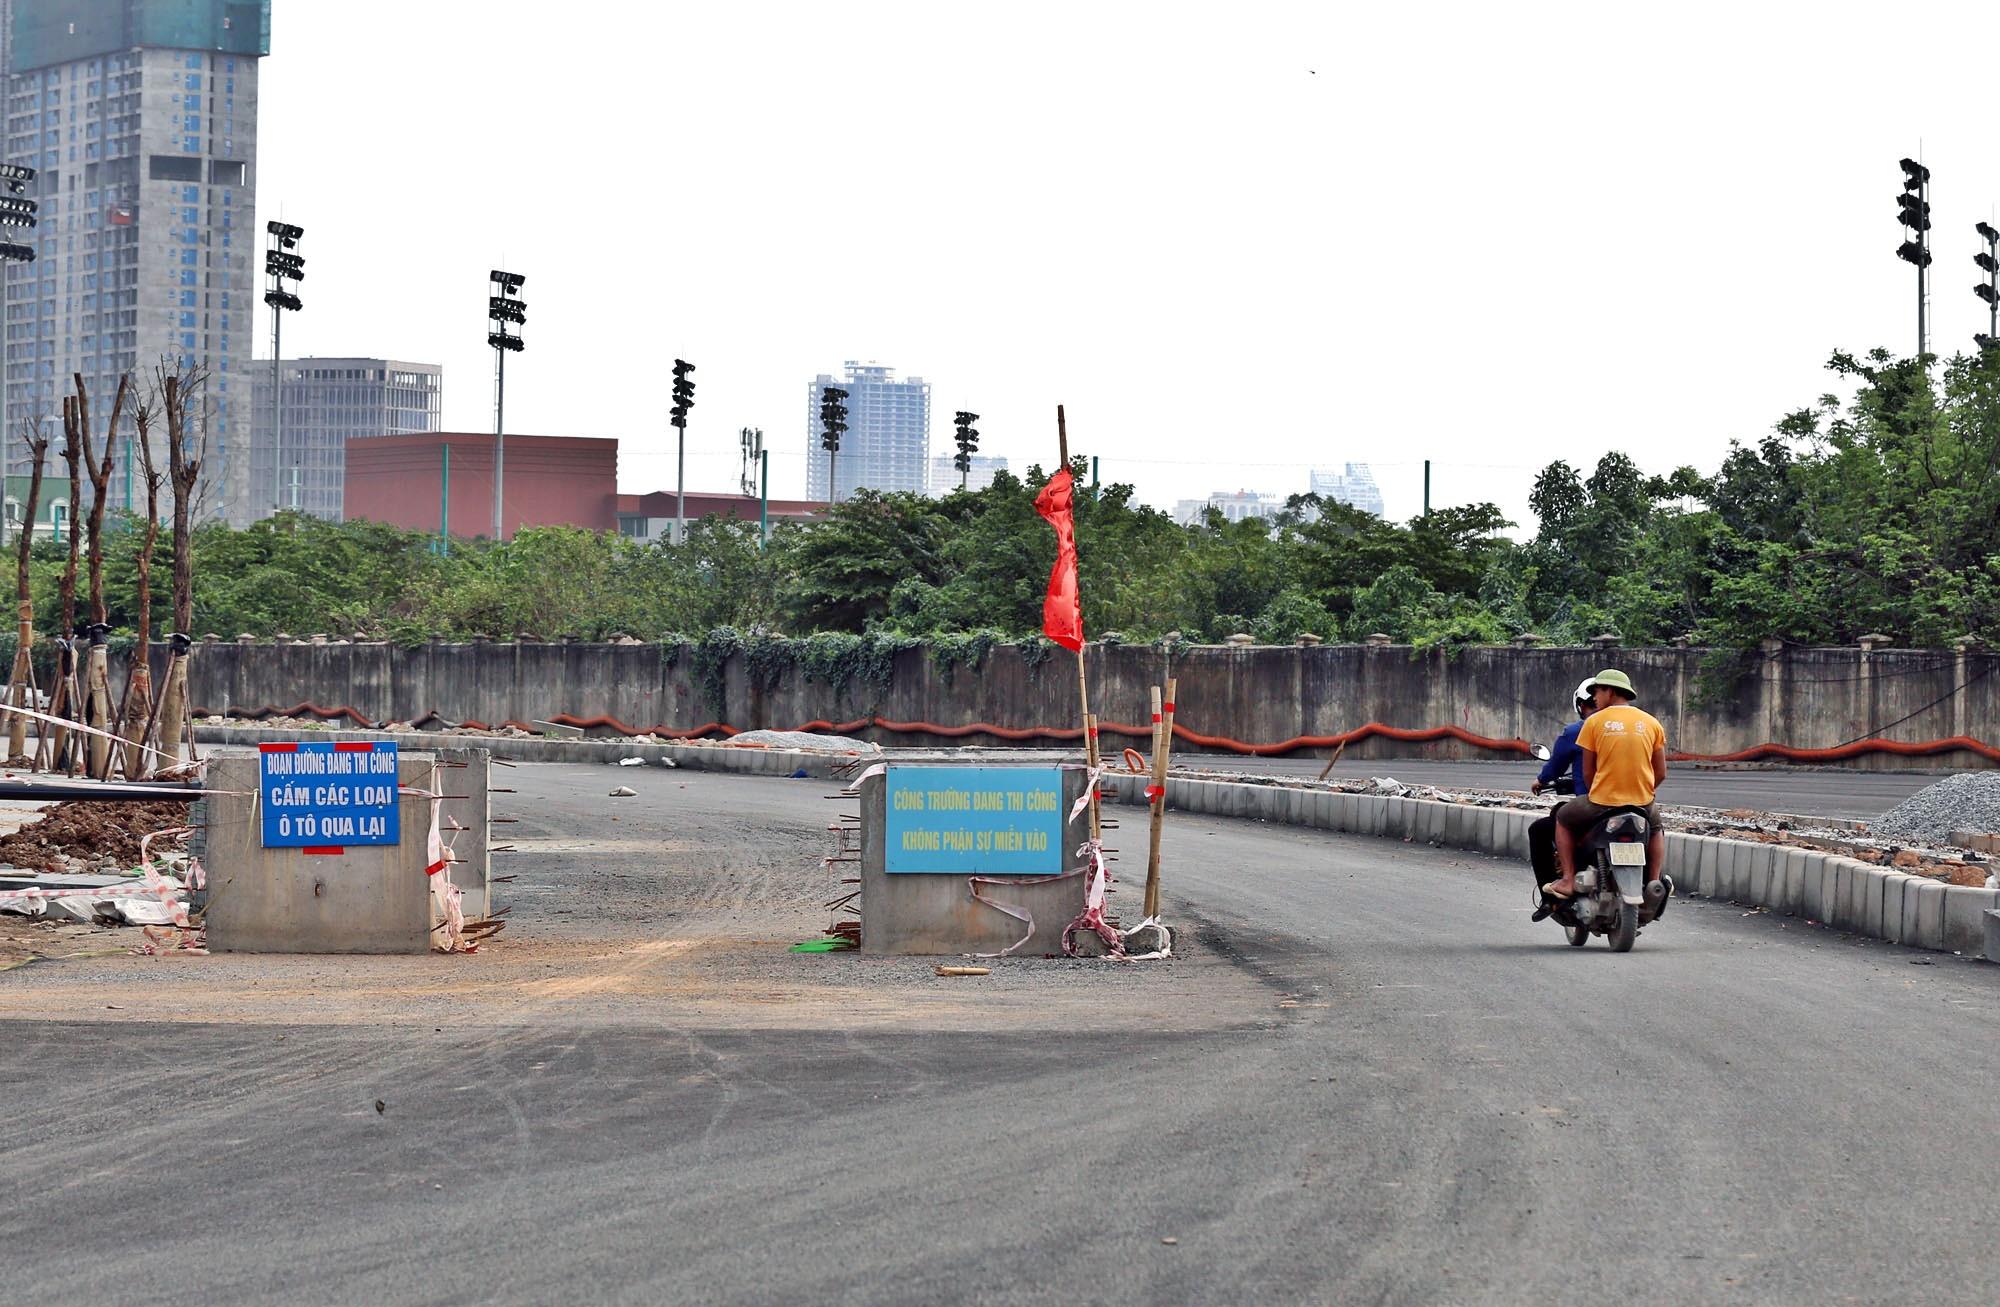 Toàn cảnh đường từ Vũ Quỳnh đến Lê Đức Thọ - Phạm Hùng đang mở theo quy hoạch ở Hà Nội - Ảnh 13.